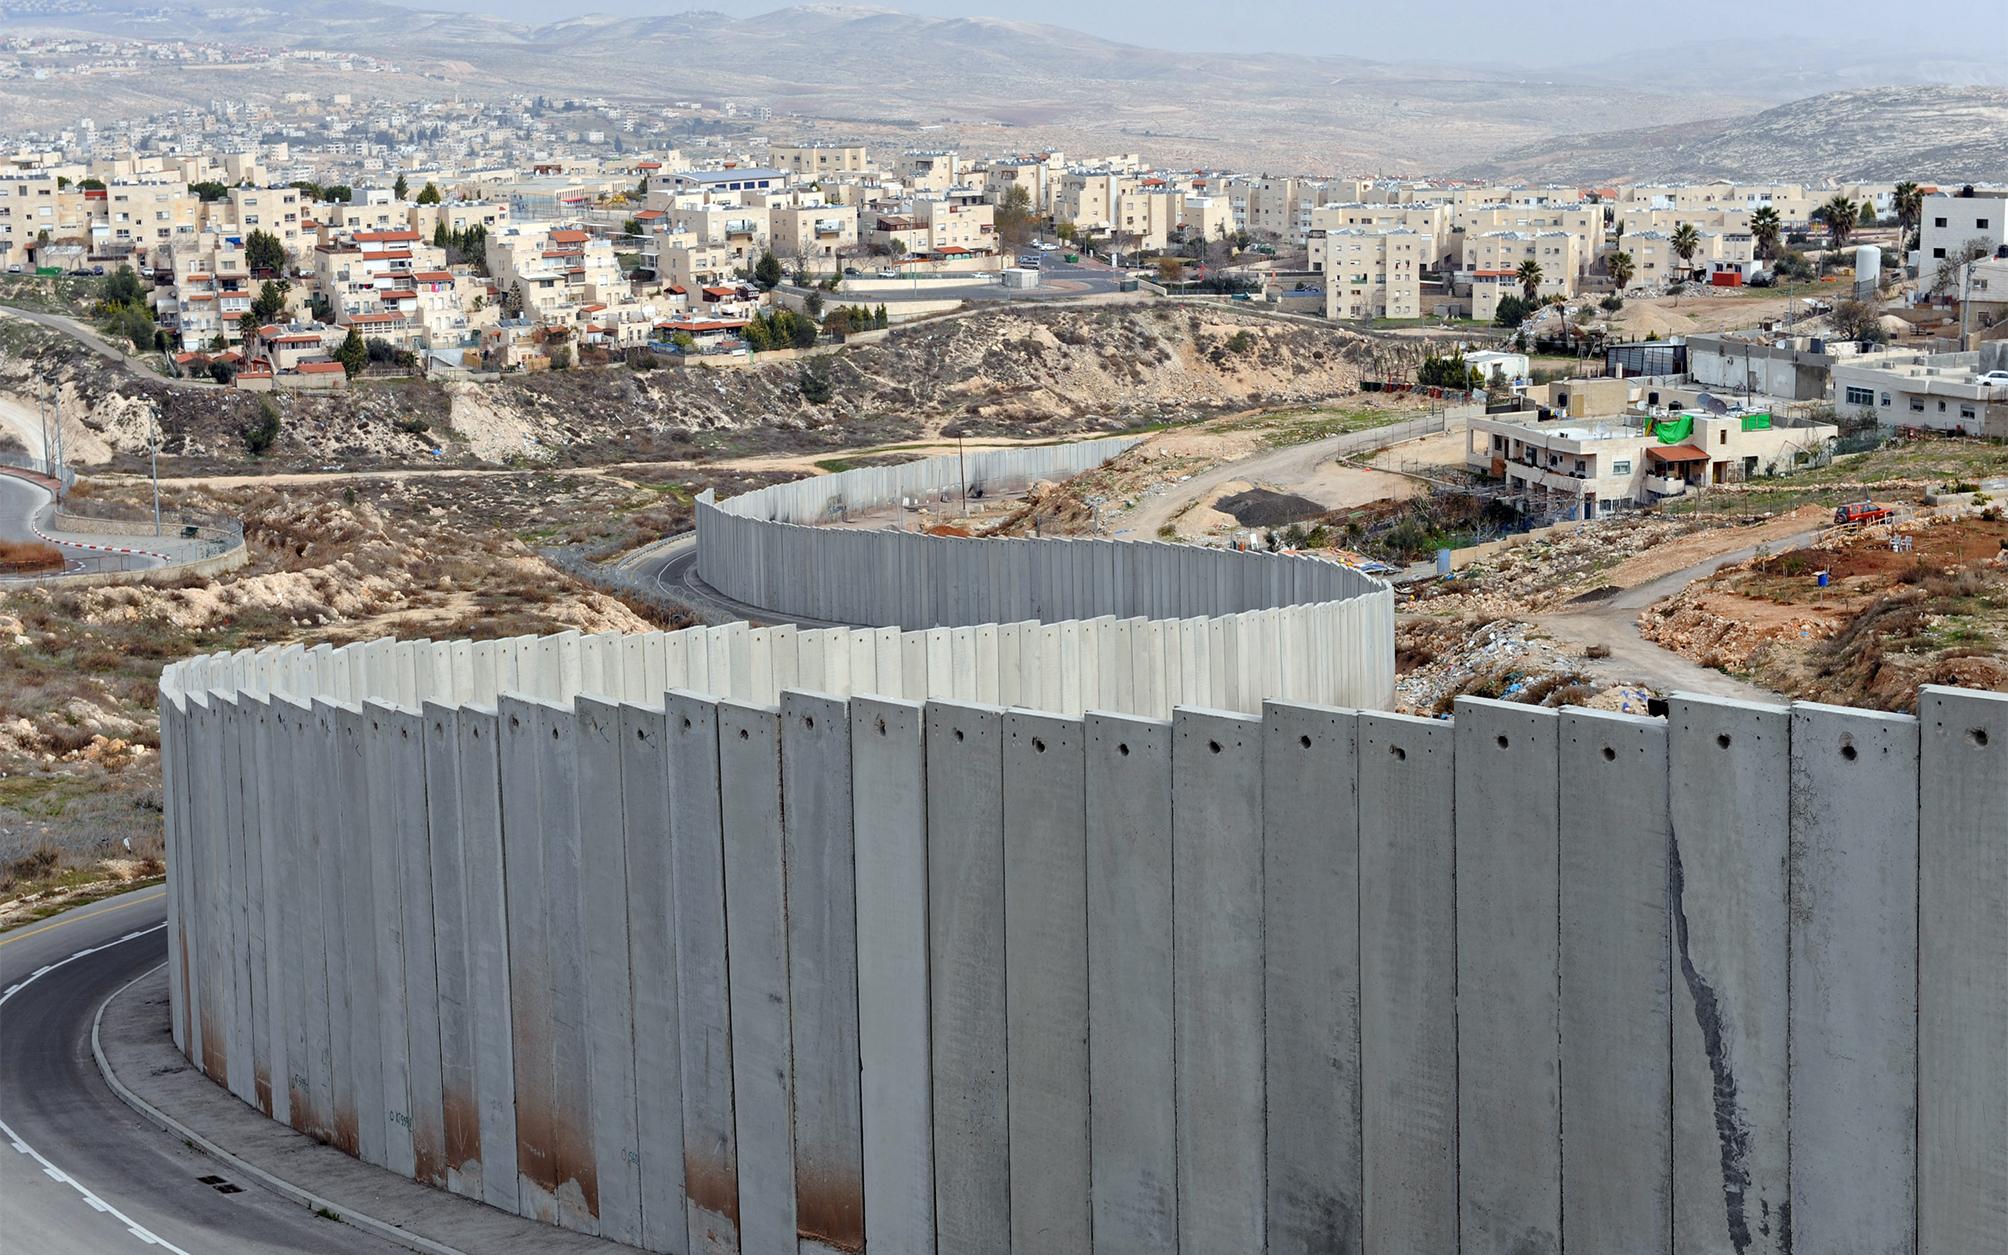 Israel's Apartheid Wall